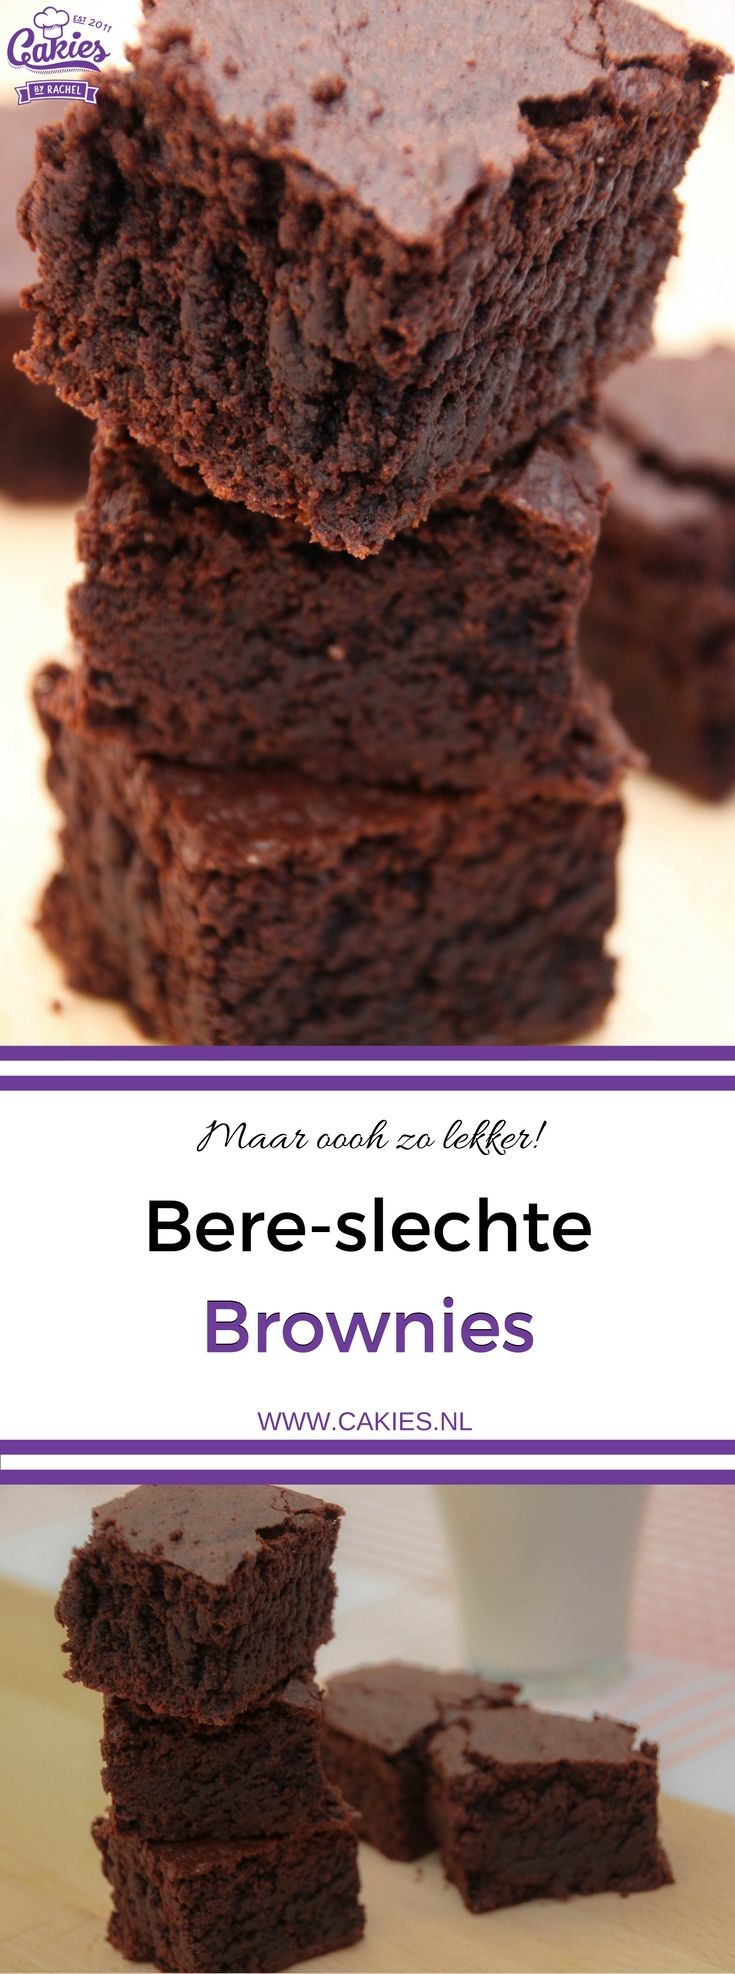 Een heerlijk en super makkelijk Brownies recept. Deze brownies zijn een hit op elk feestje en mijn meest gevraagde brownies recept :).